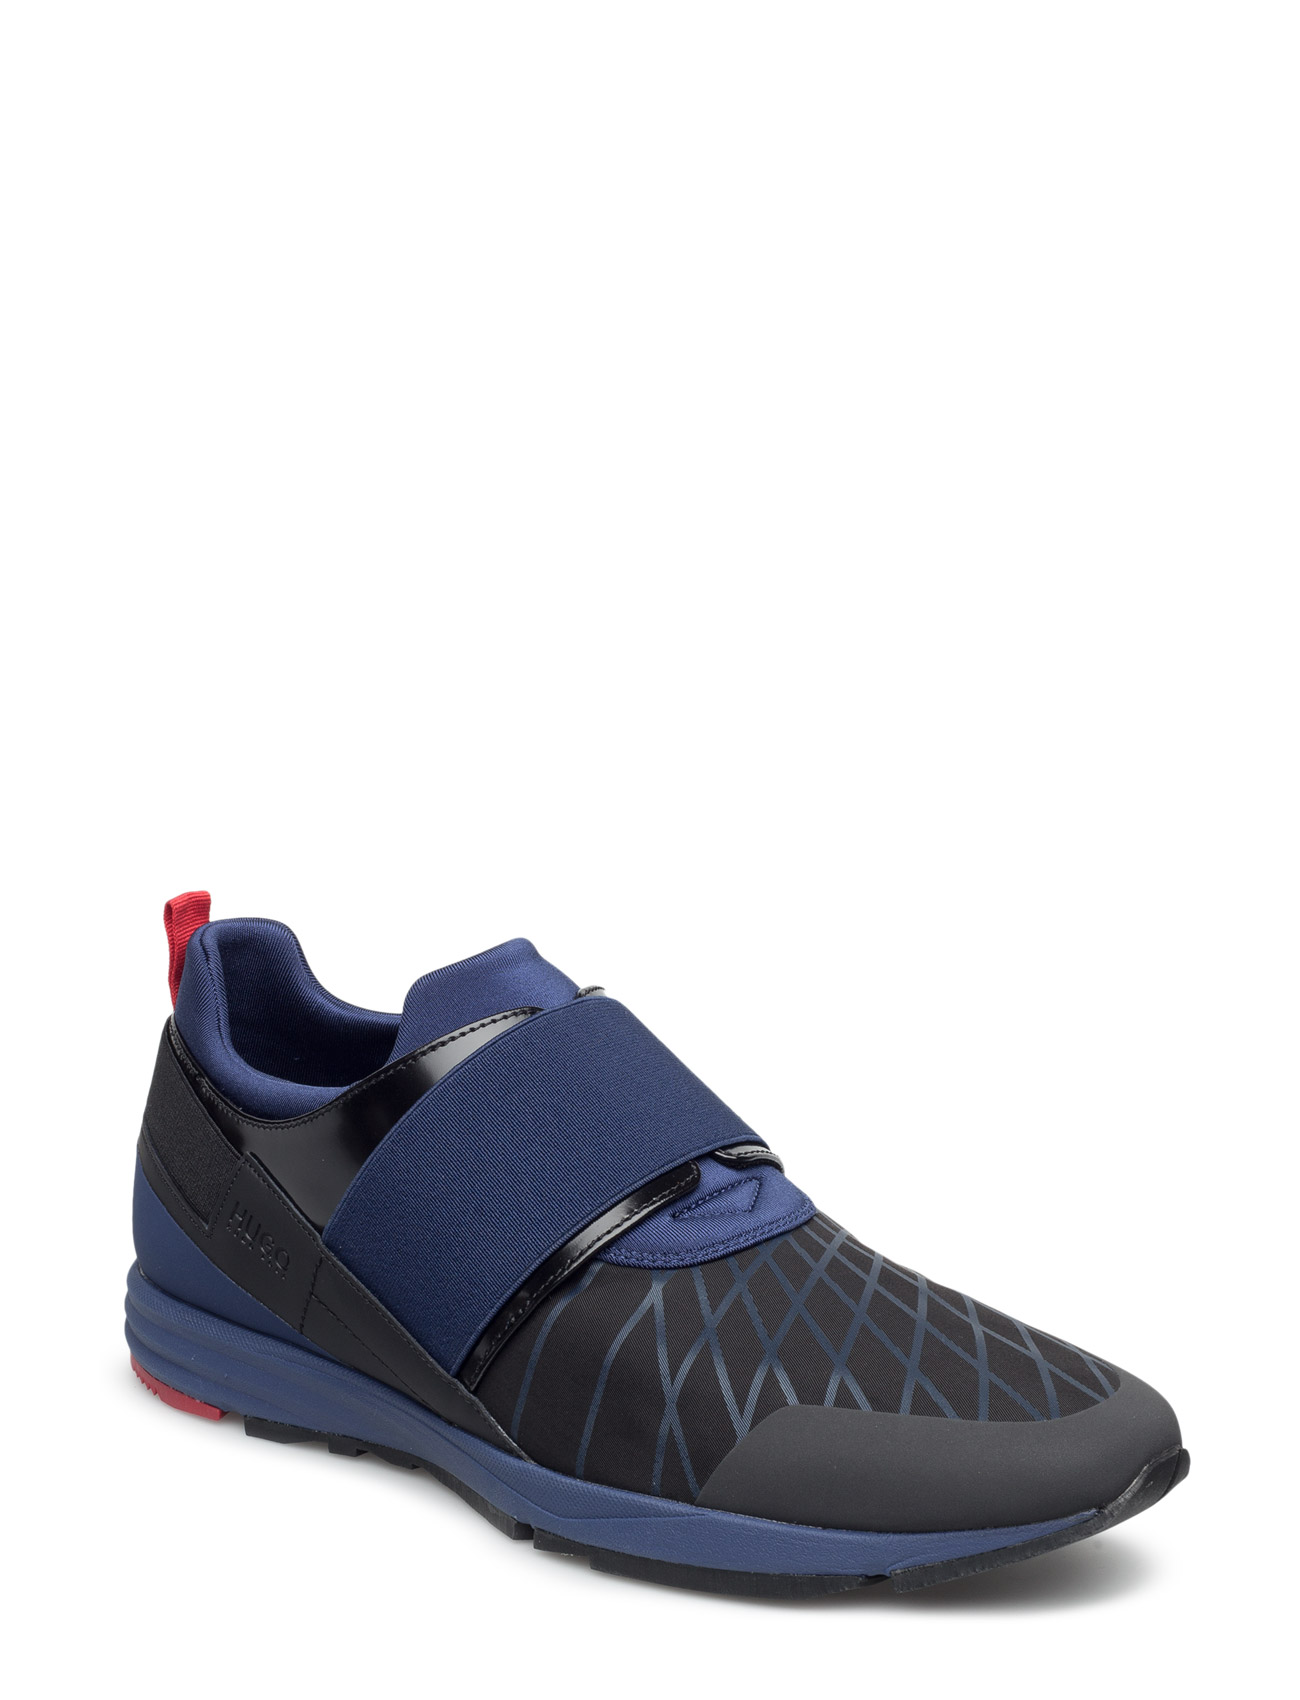 Hybrid_runn_mx HUGO Sneakers til Mænd i Sort